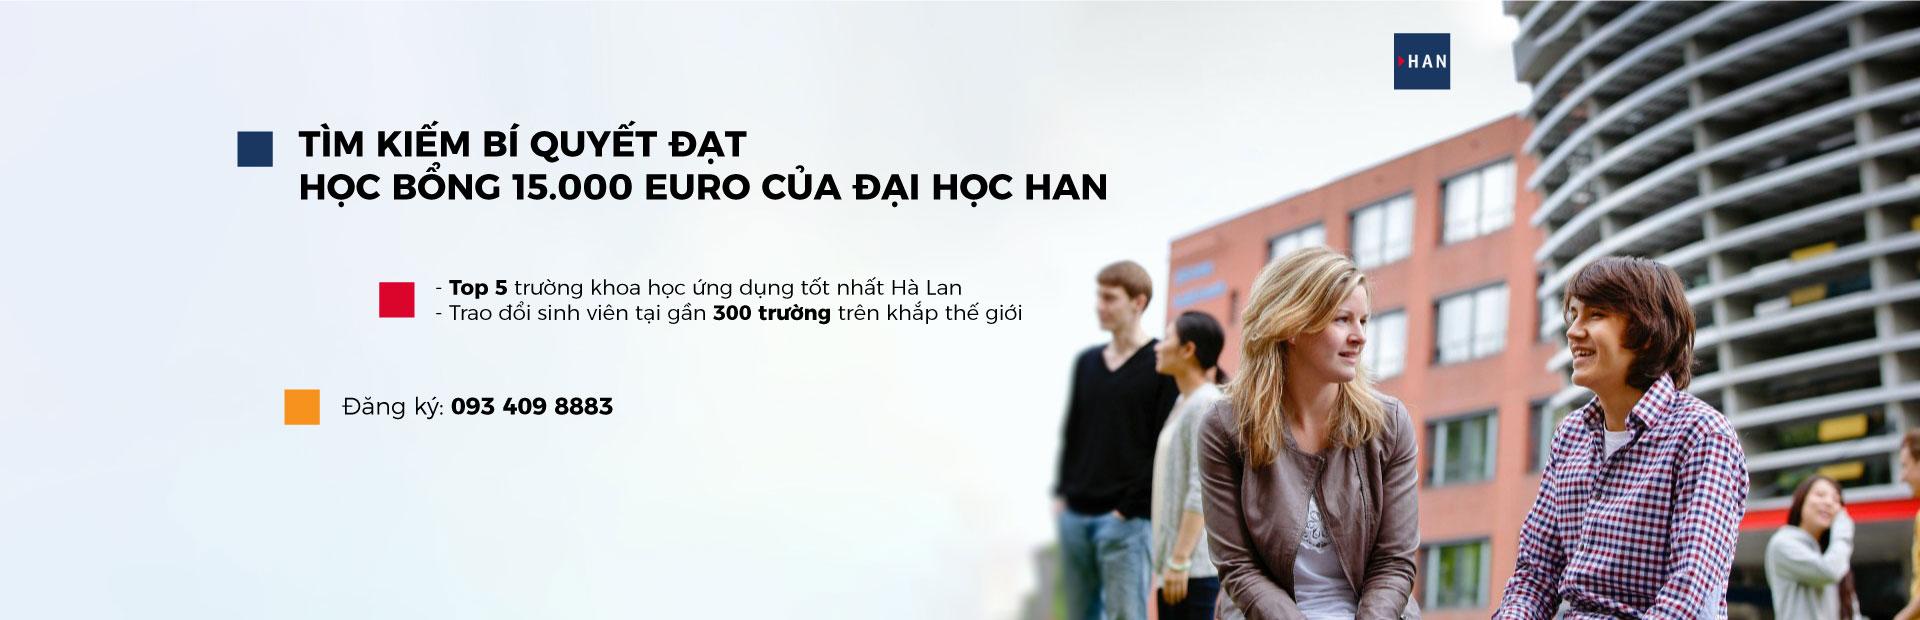 Ha Lan 1